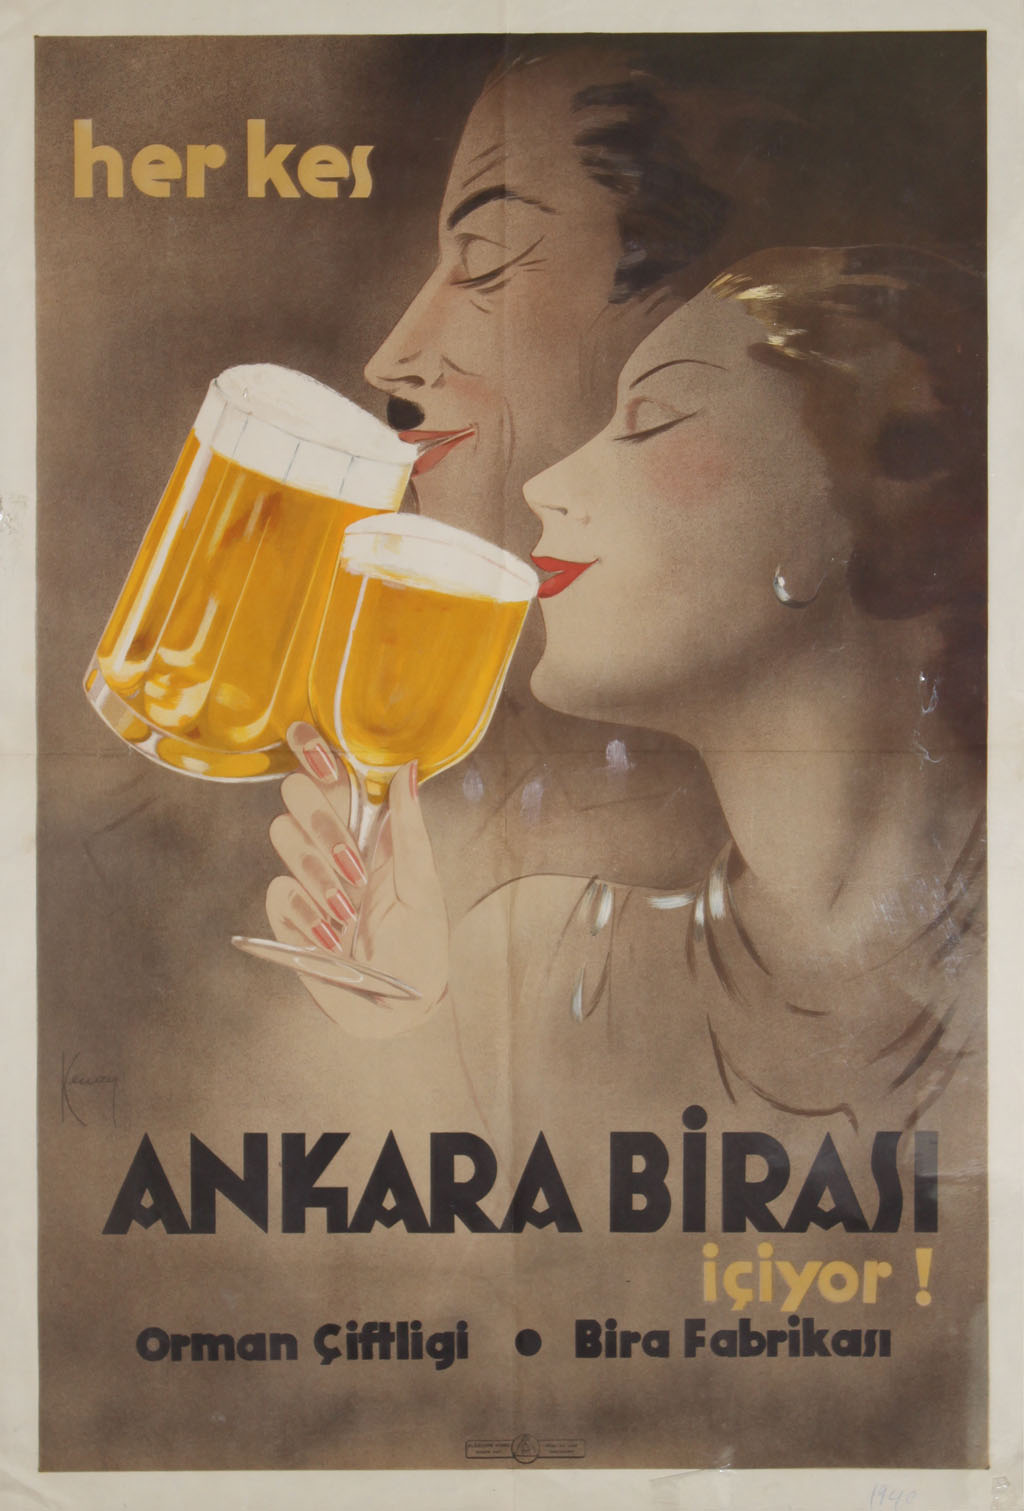 Ankara Birası reklam afişi, 1930'lar.